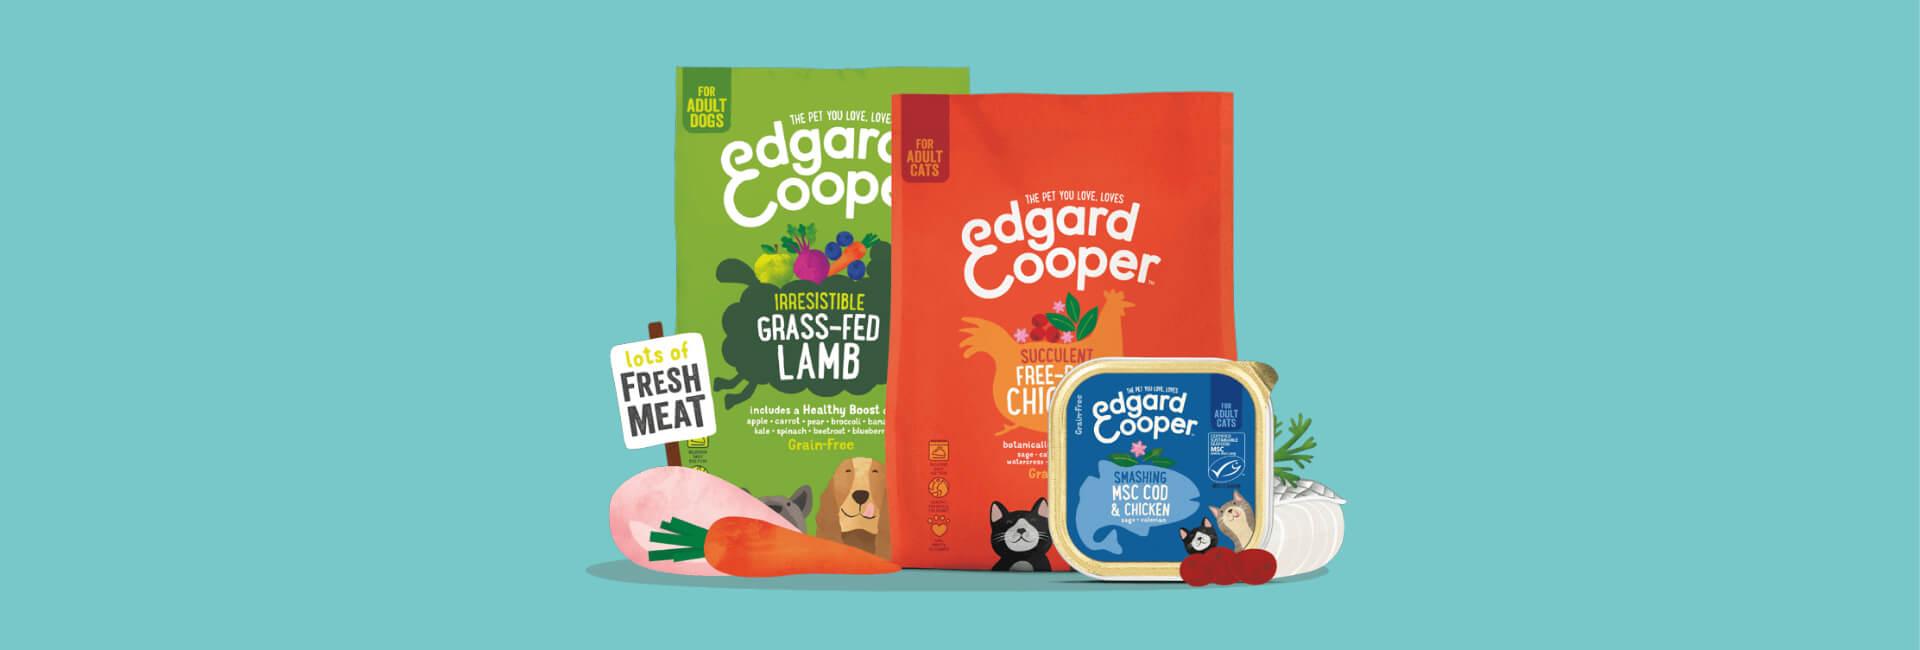 edgarcooper news header desktop